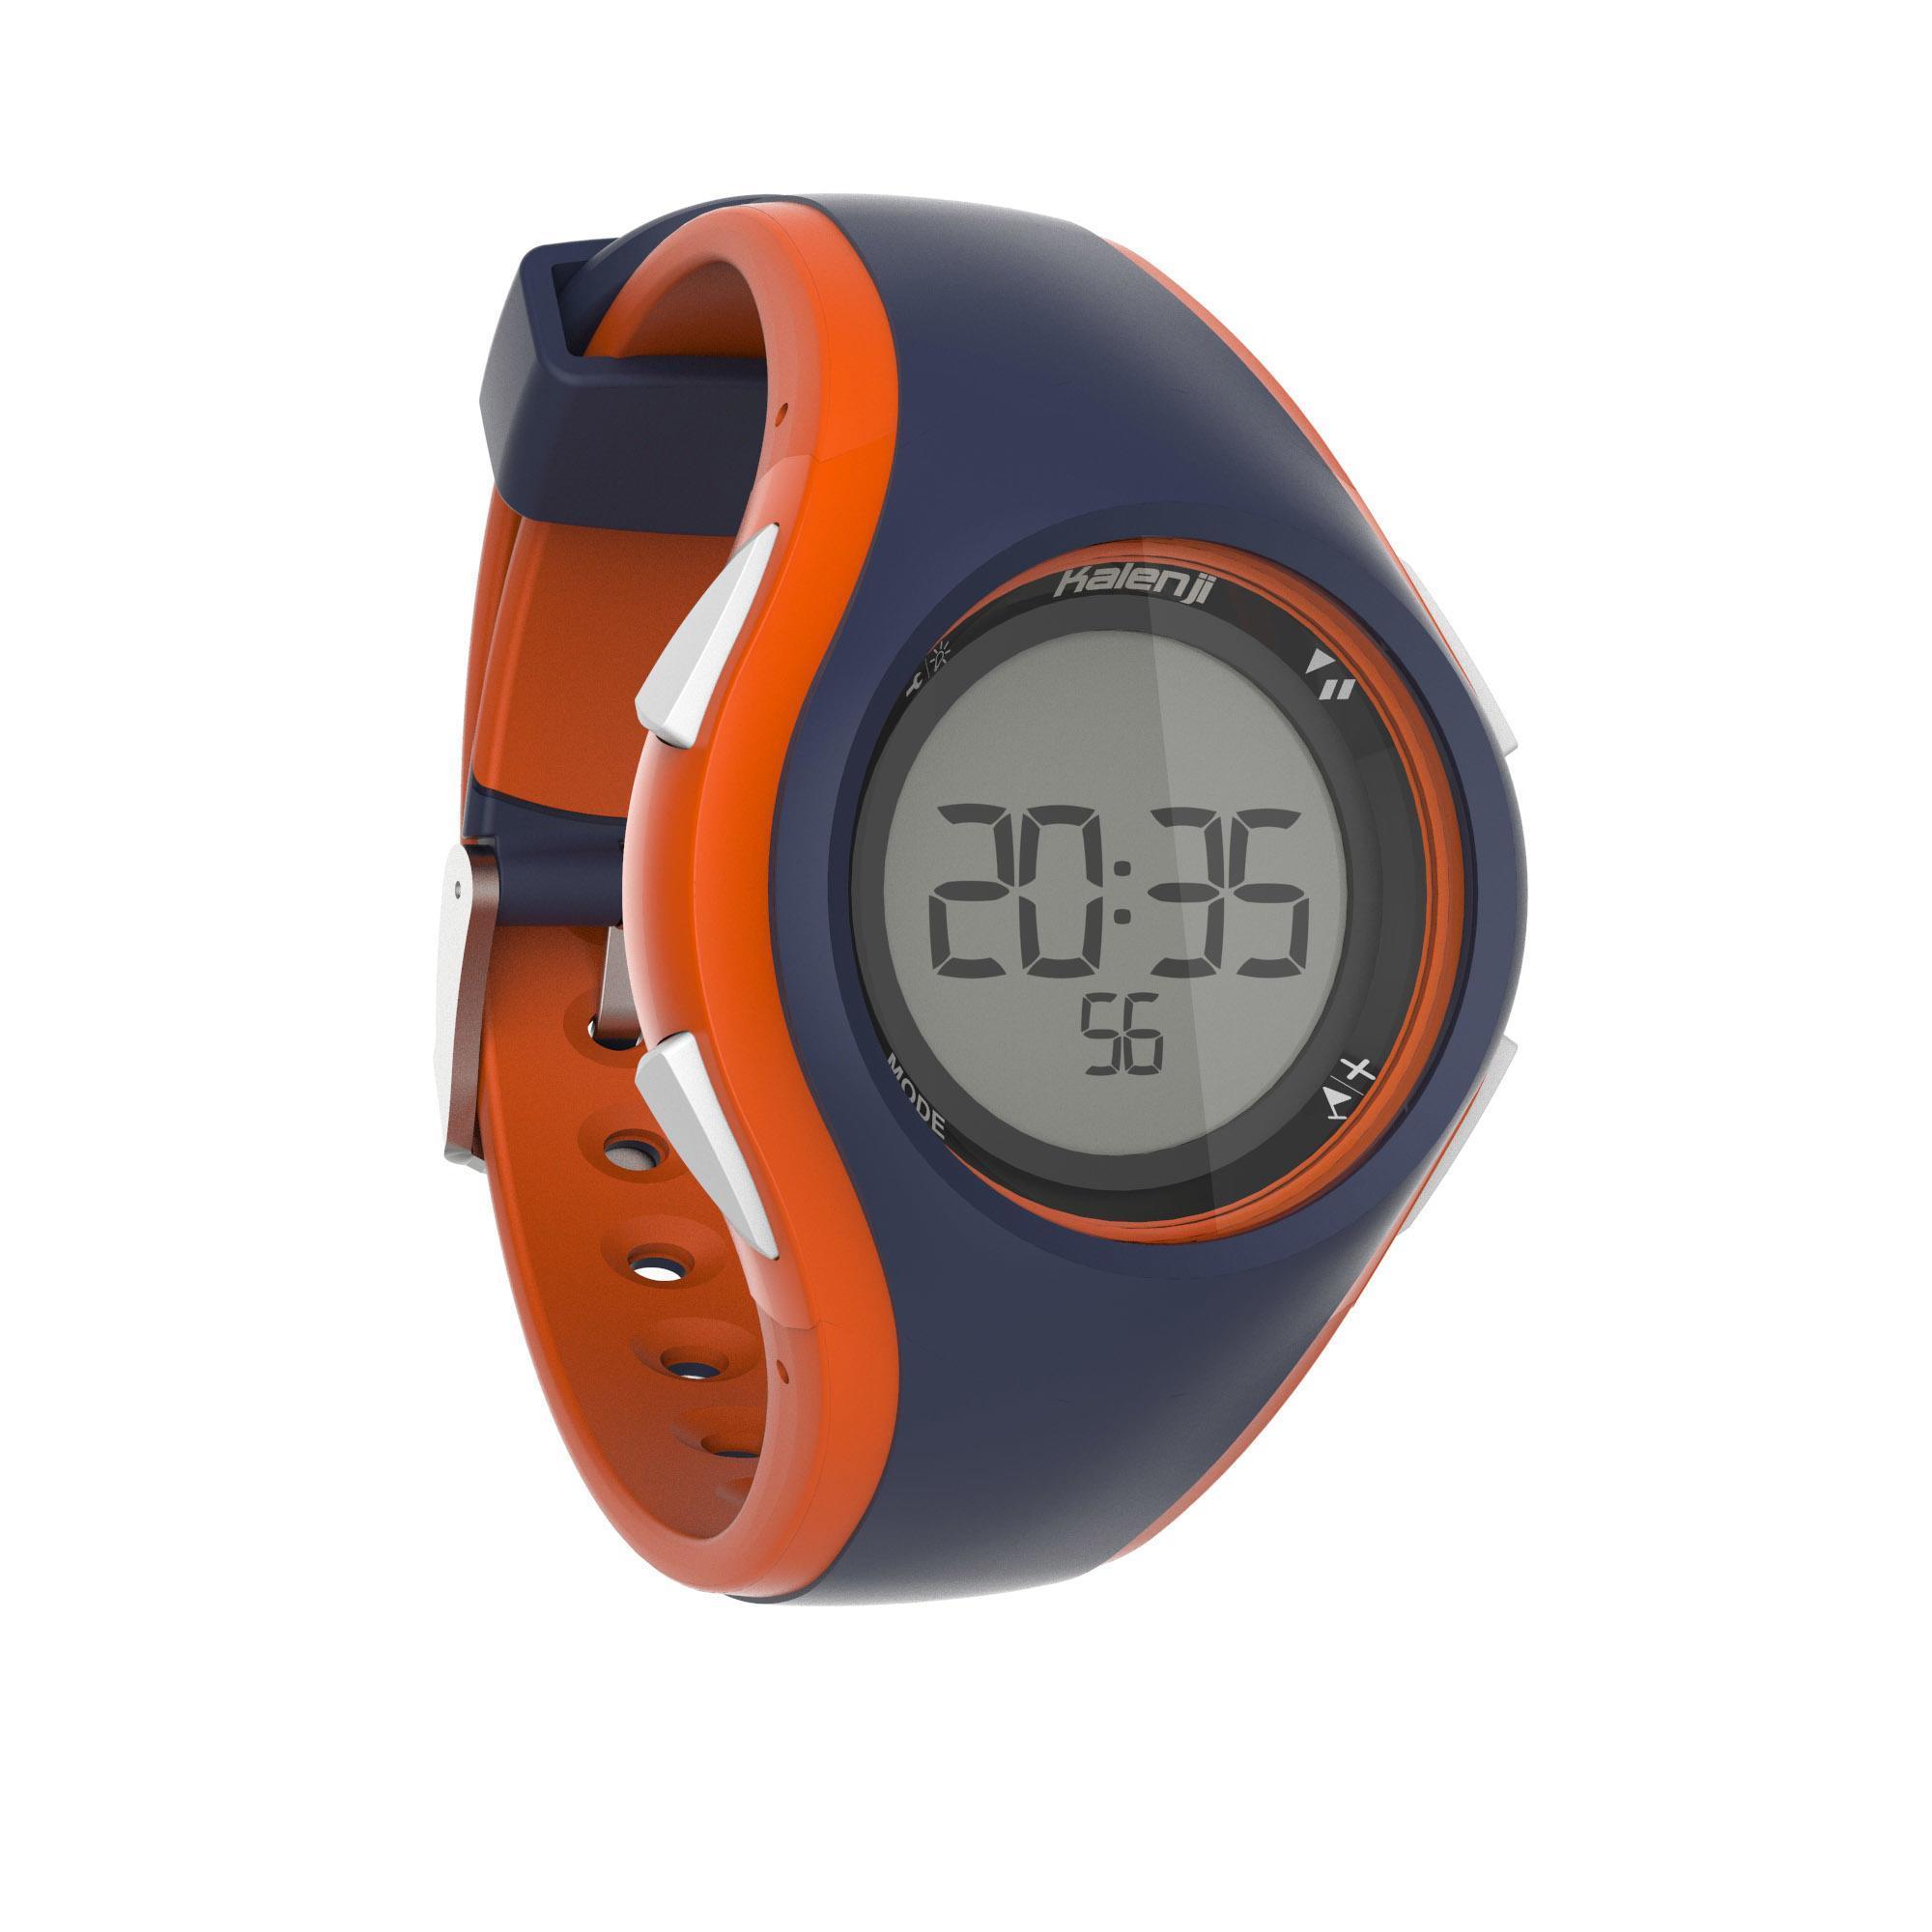 Kalenji Hardloophorloge met stopwatch W200 M blauw en oranje thumbnail